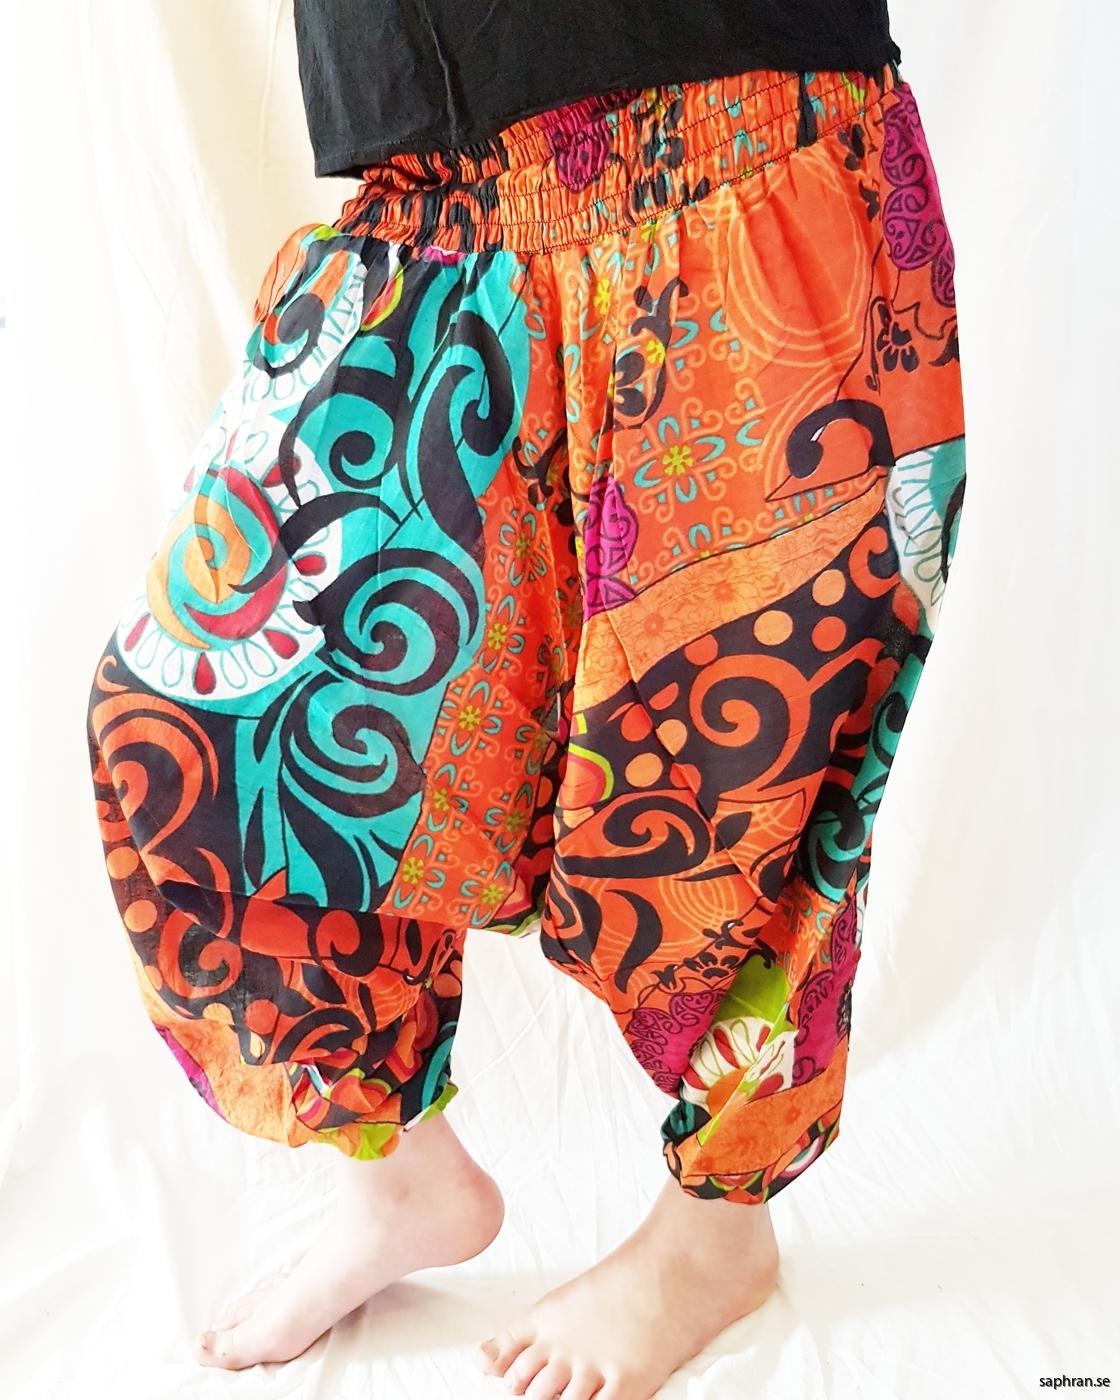 Orangea haremsbyxor med mönster för barn. Perfekta sommarplagget för de små.